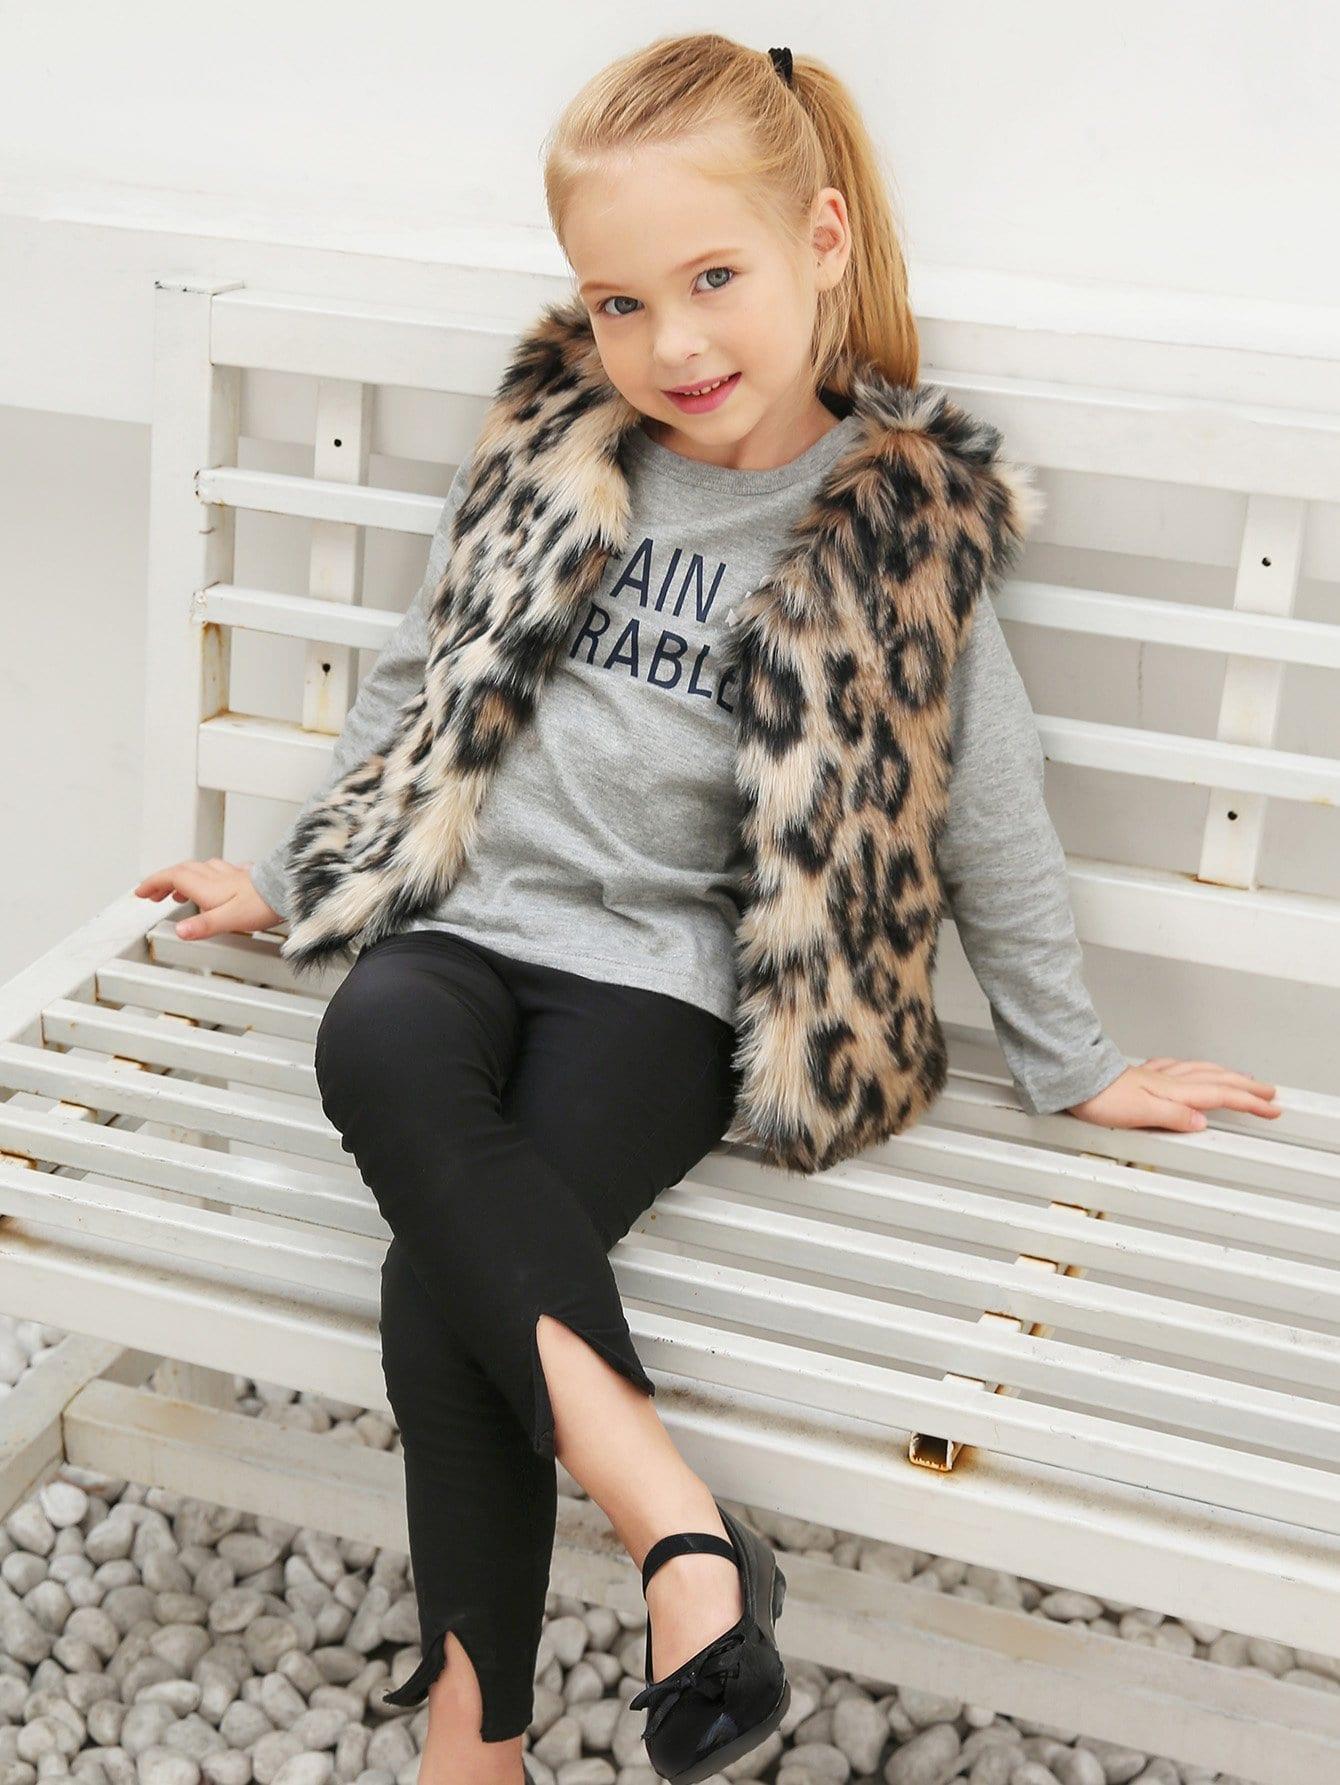 Леопардовый жилет из искусственных мехов для девочек, null, SheIn  - купить со скидкой